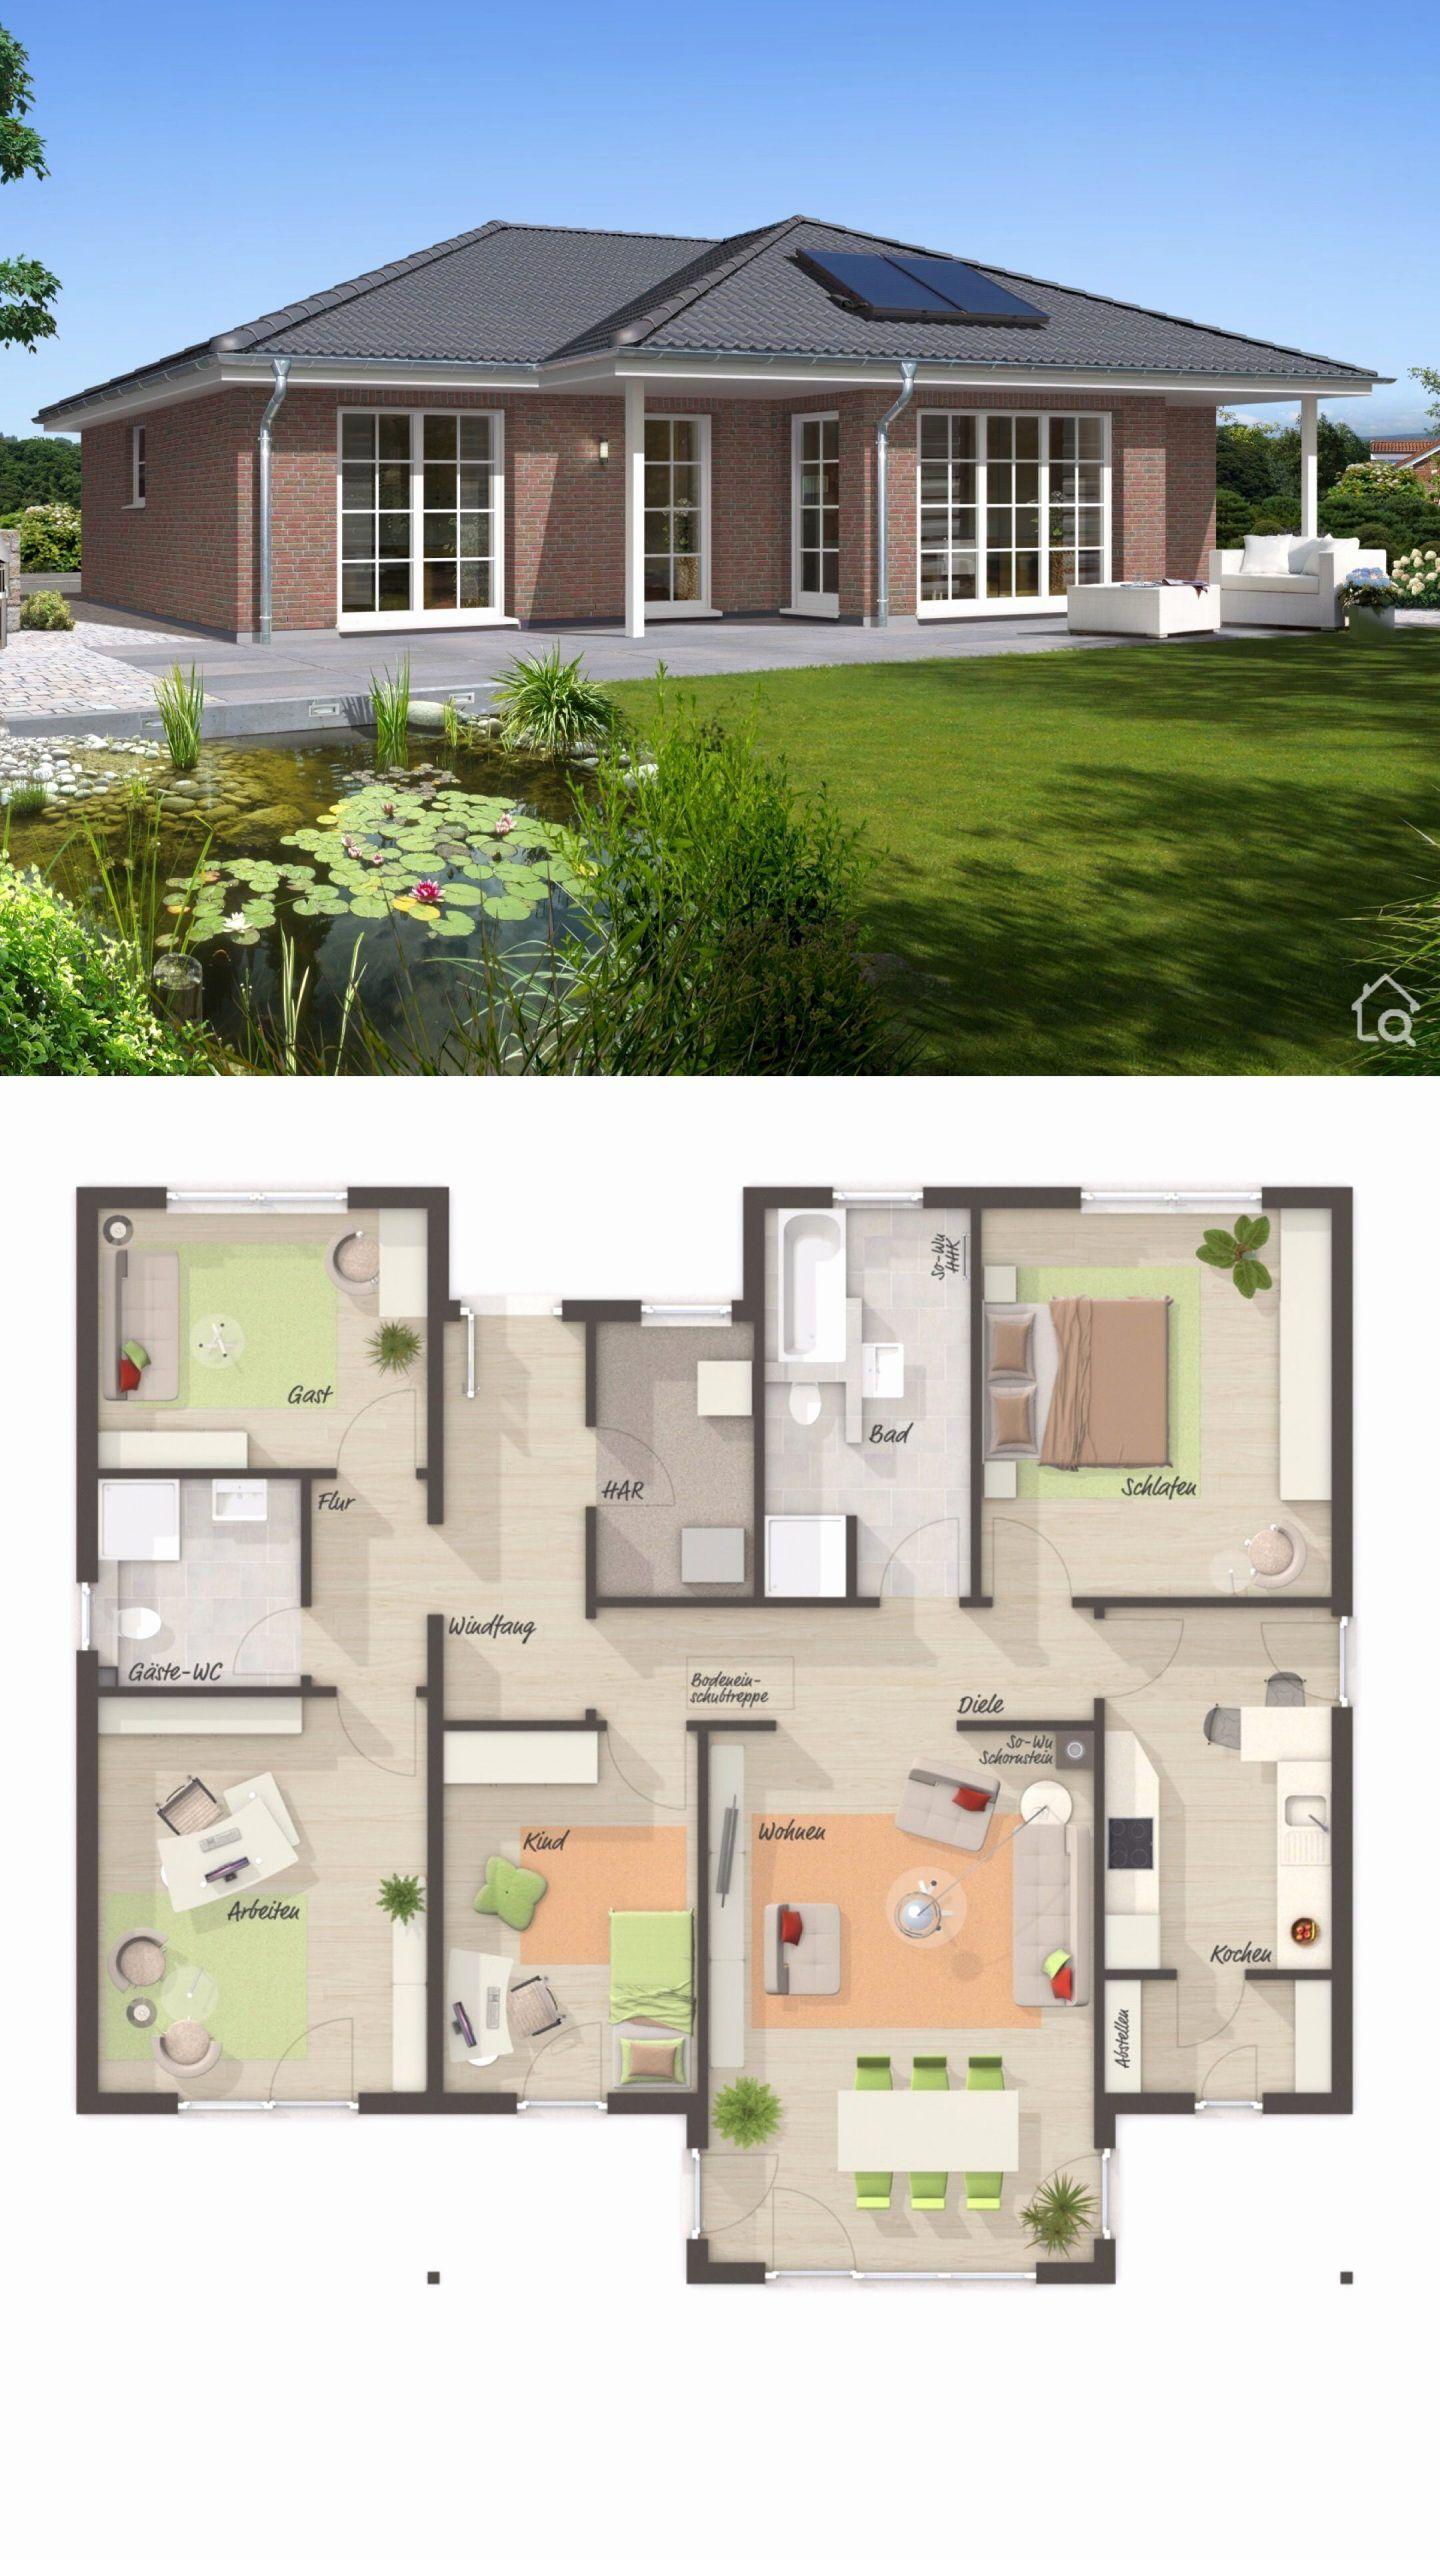 20+ Haus mit integrierter garage im keller 2021 ideen